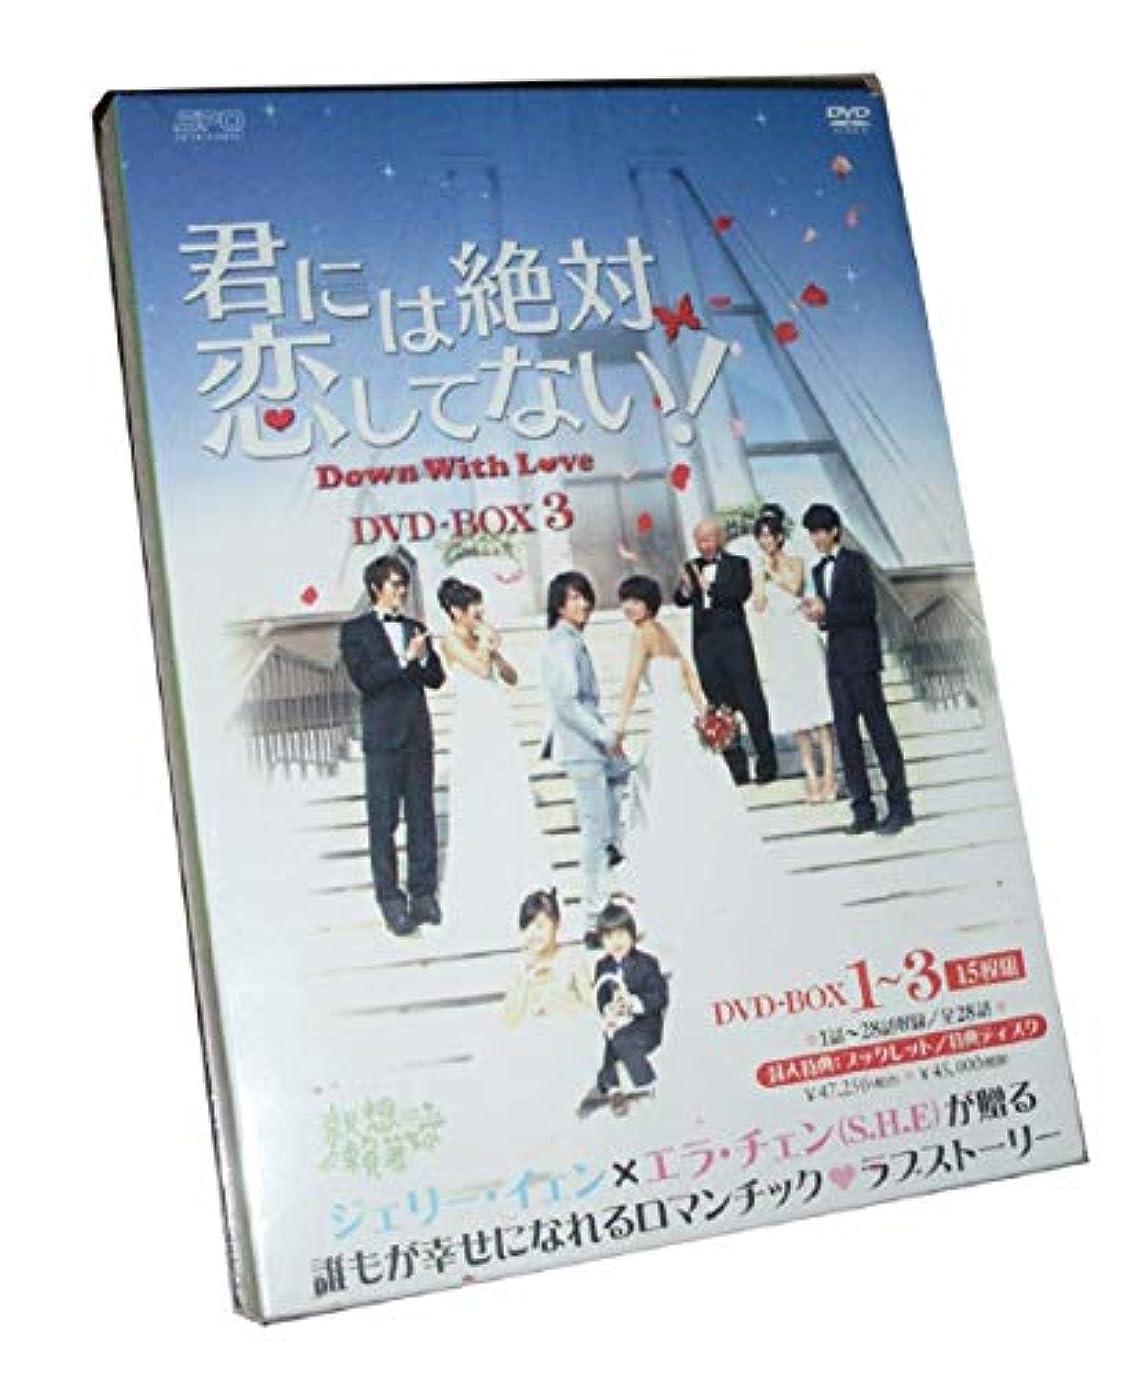 今日ライン洞察力のある君には絶対恋してない!~Down with Love DVD-BOX1-3 28話+特典15枚組